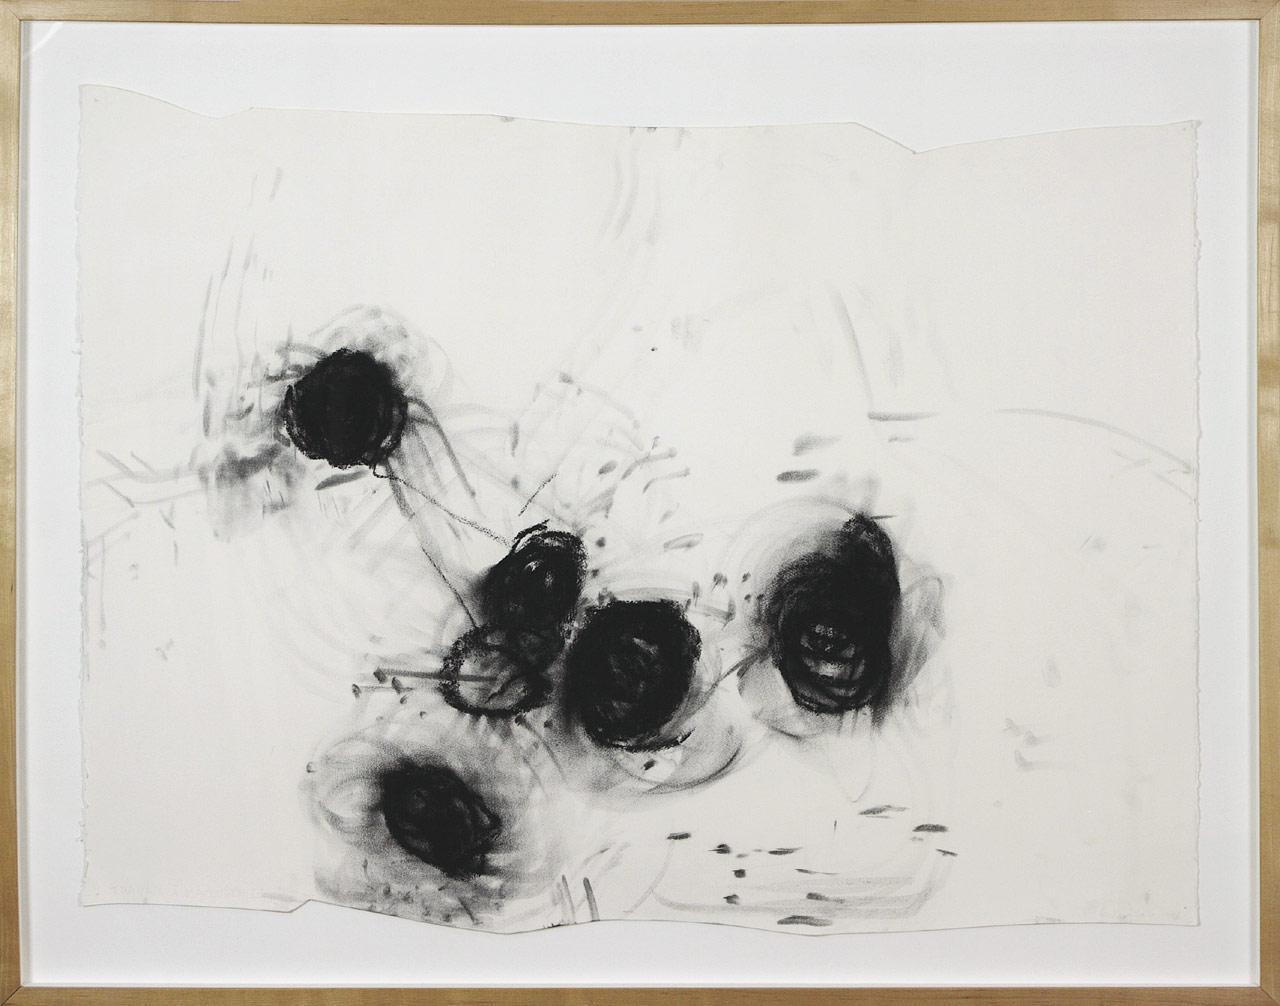 Charbonner l'aveugle 1, 1998. Renée Lavaillante. Pastel sec sur papier. 97 x 123 cm. © L'Artothèque